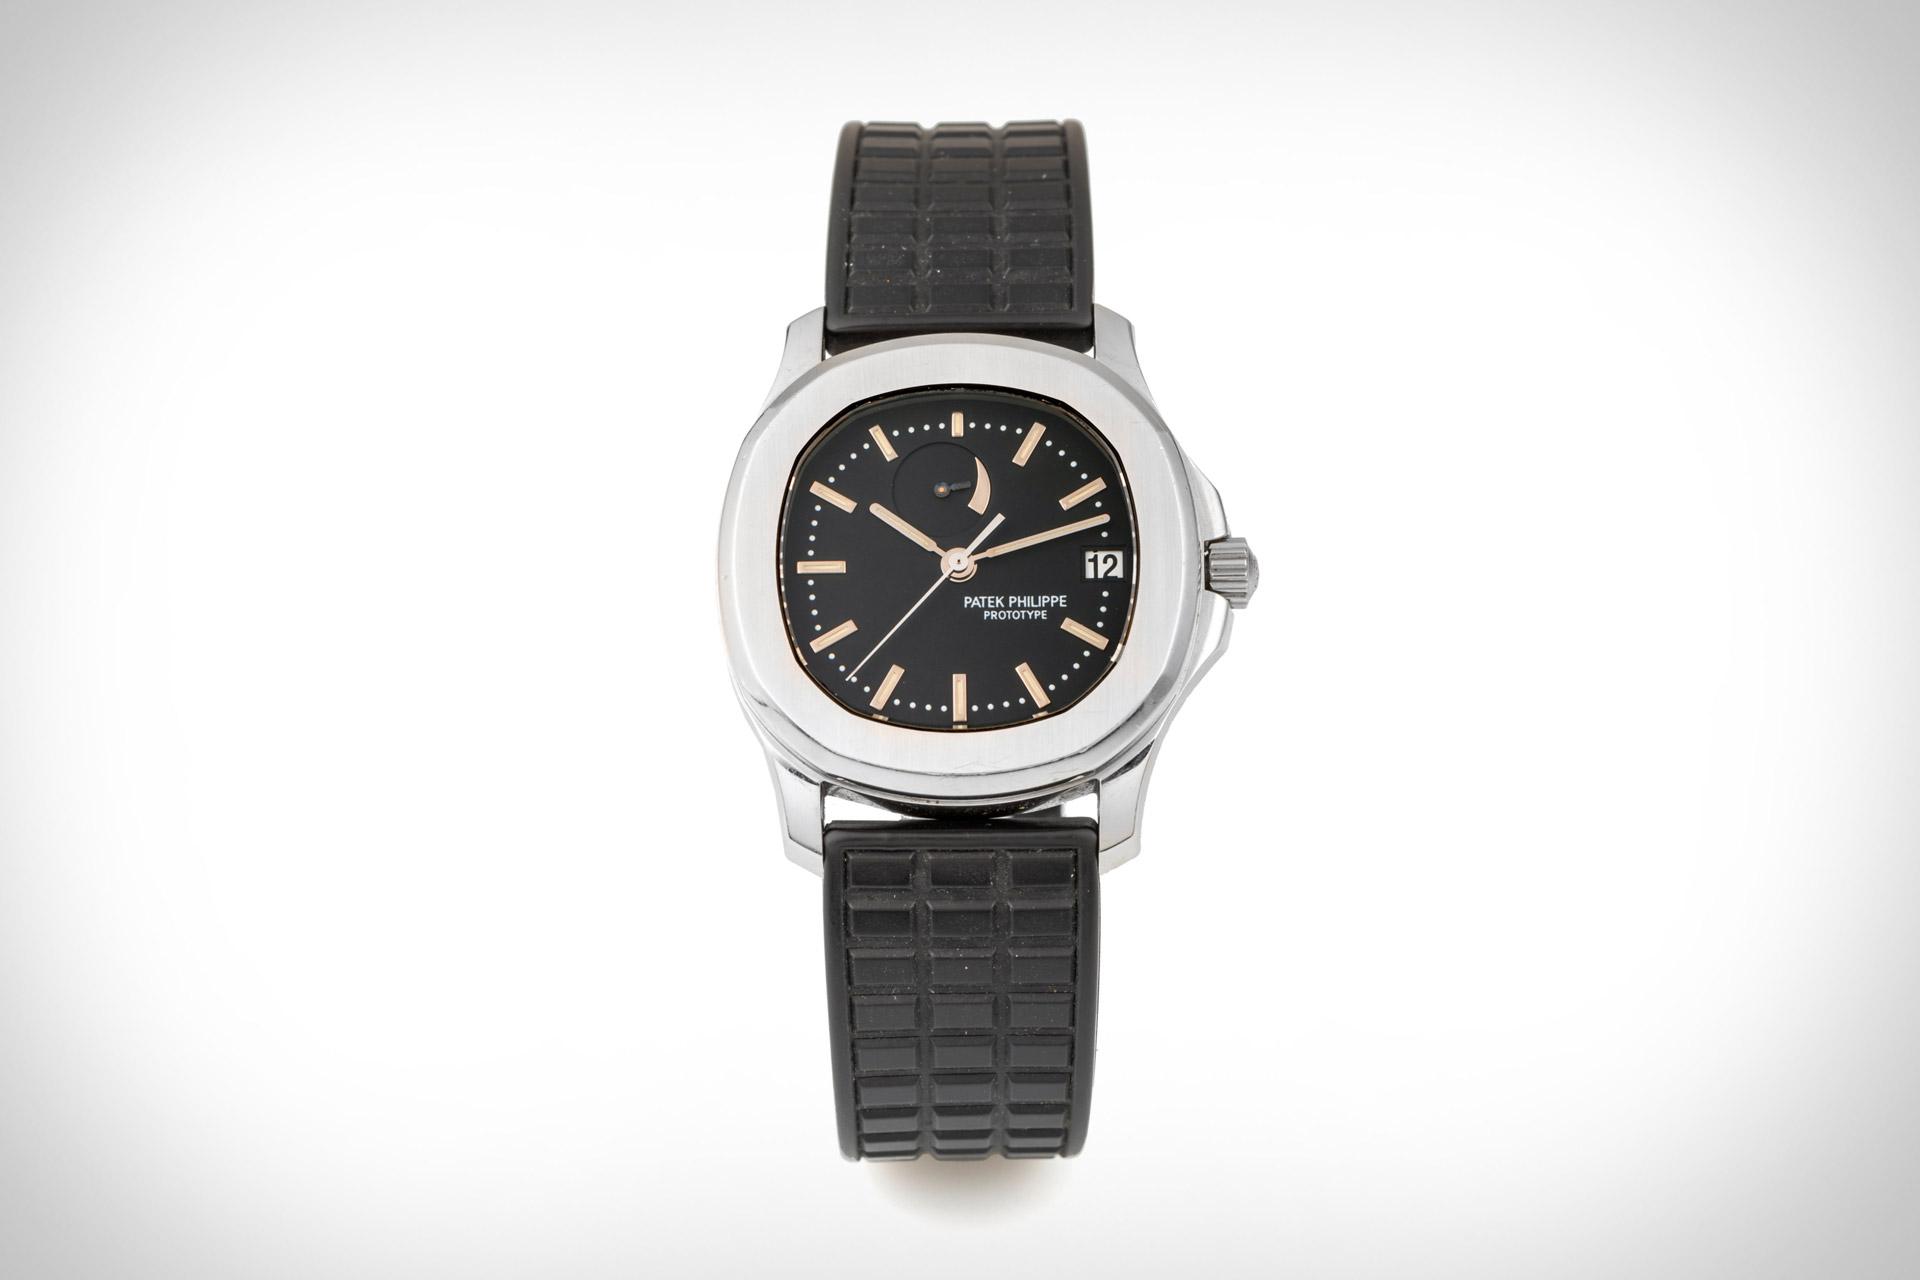 Patek Philippe Prototype Aquanaut Watch